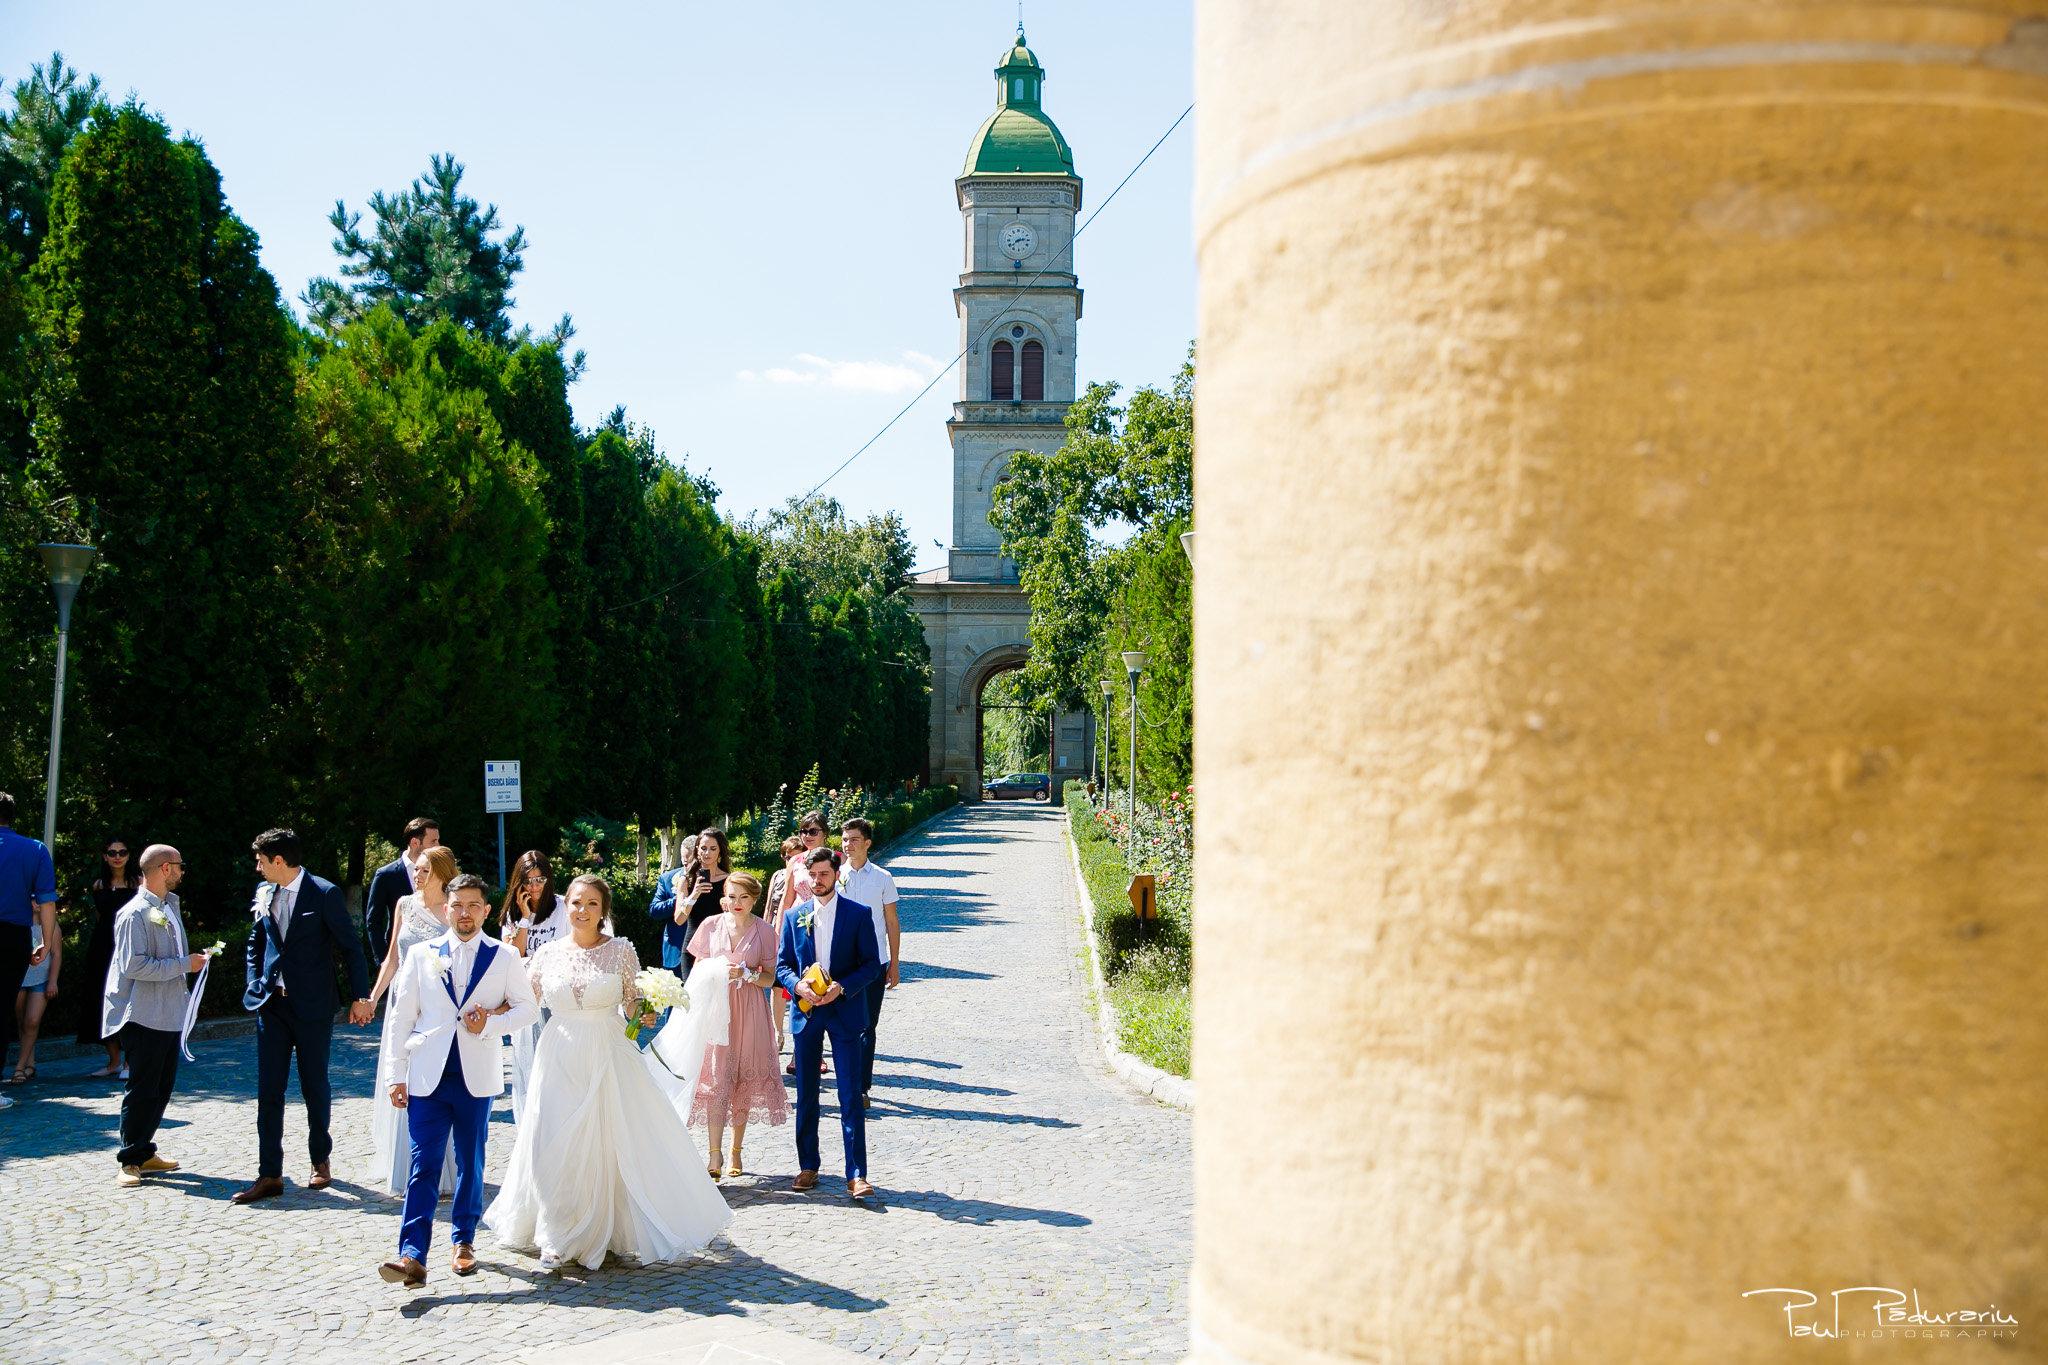 Cununia religioasa nunta Ema si Tudor fotograf de nunta iasi www.paulpadurariu.ro © 2017 Paul Padurariu spre biserica